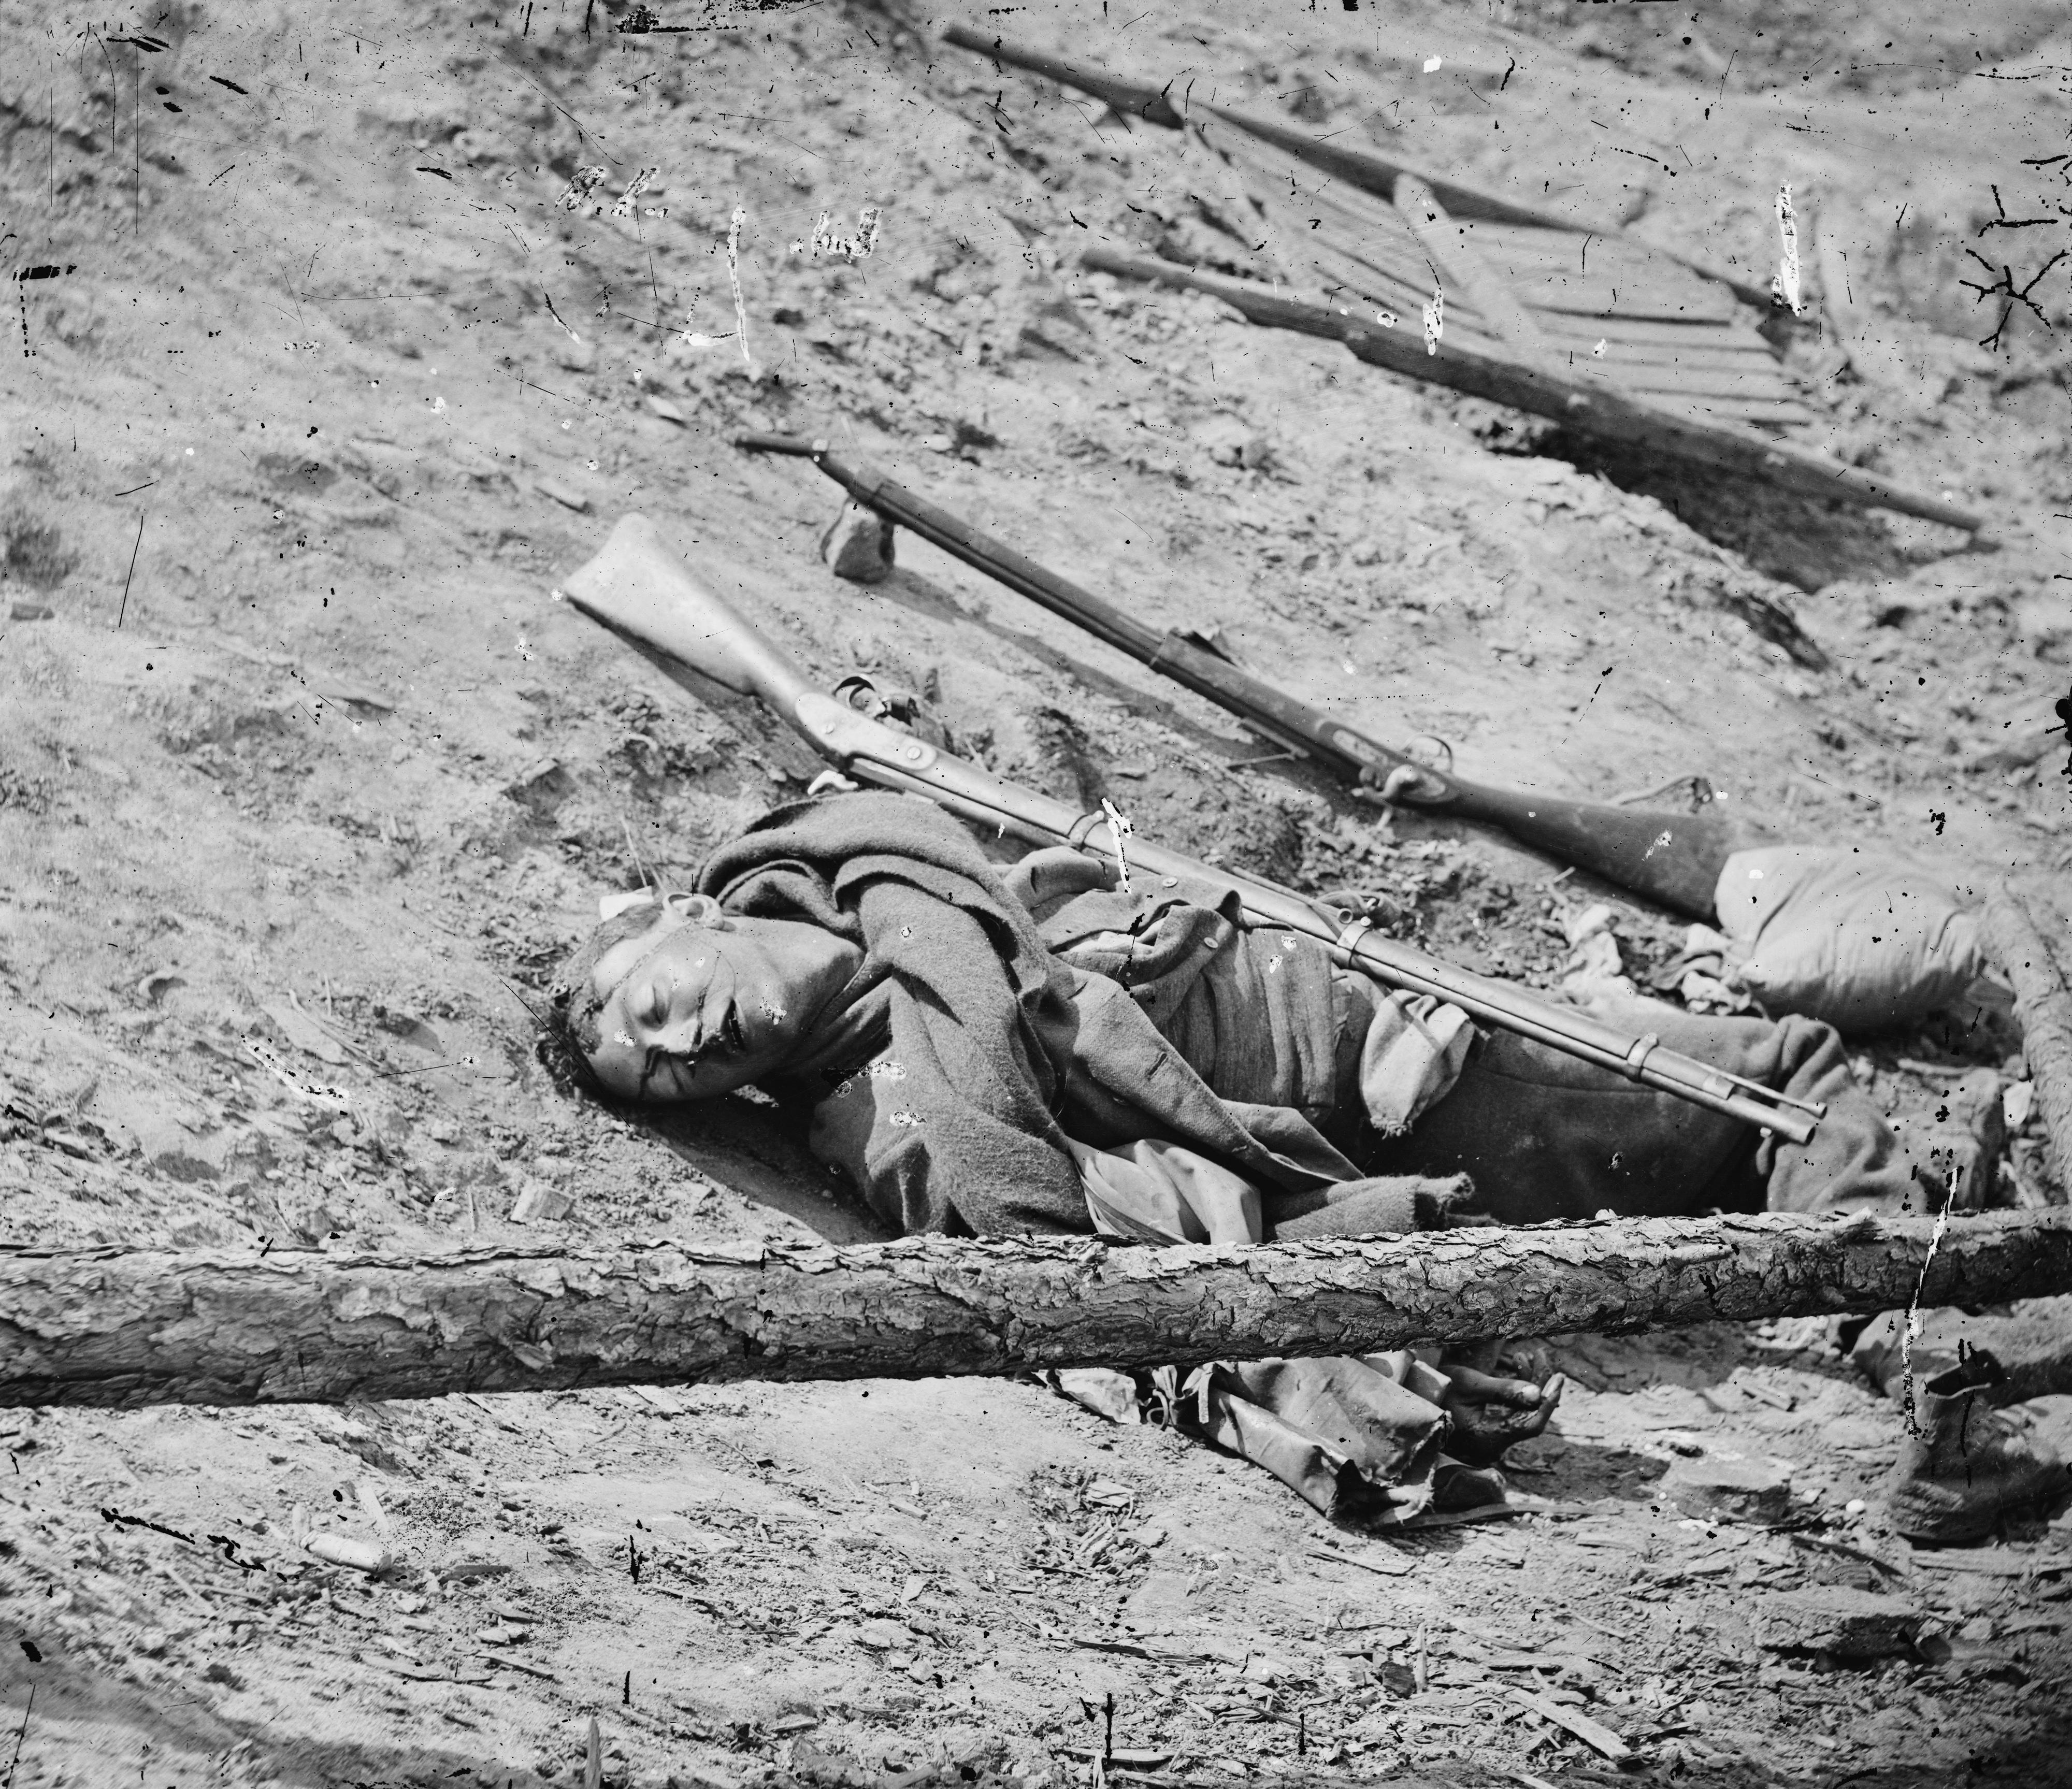 Dead Confederate soldier with gun in Virginia, April 1865.